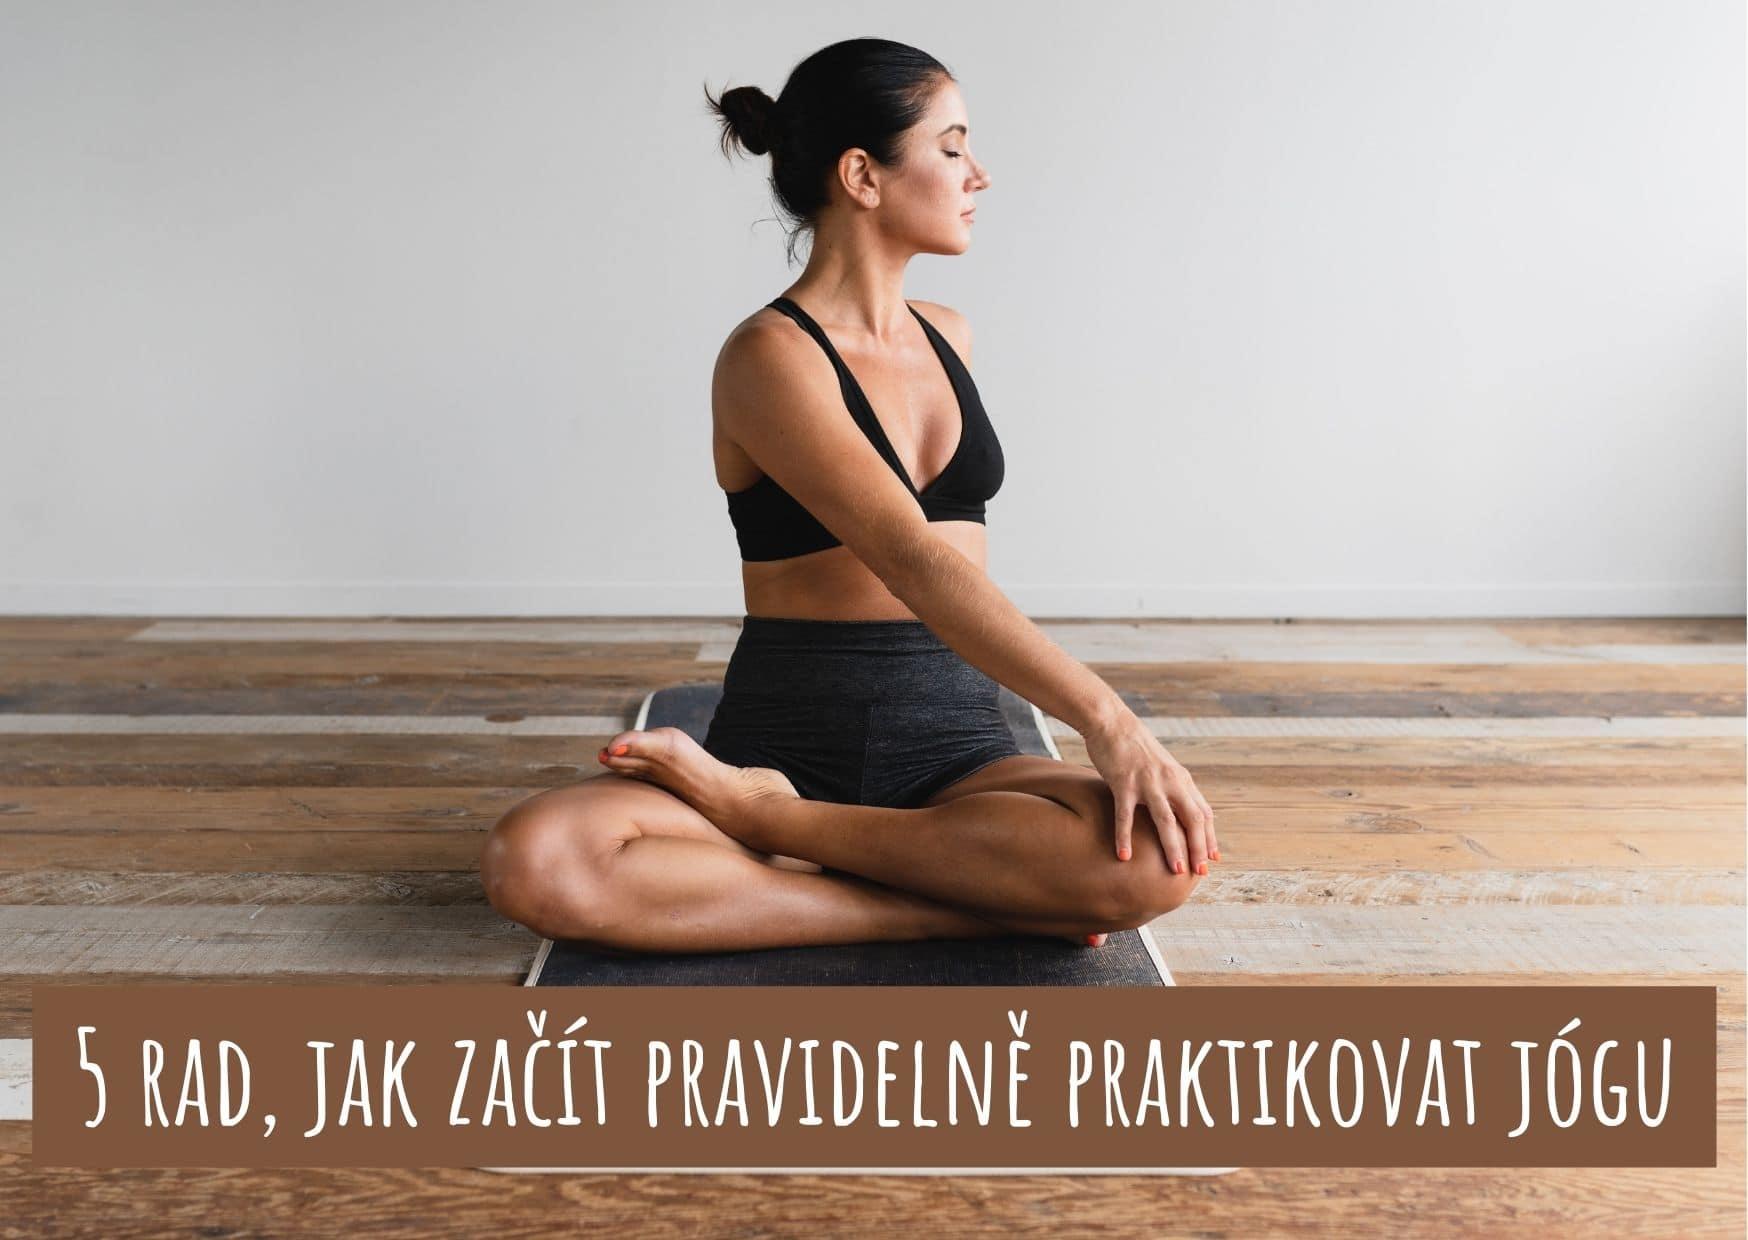 5 rad, jak začít pravidelně praktikovat jógu